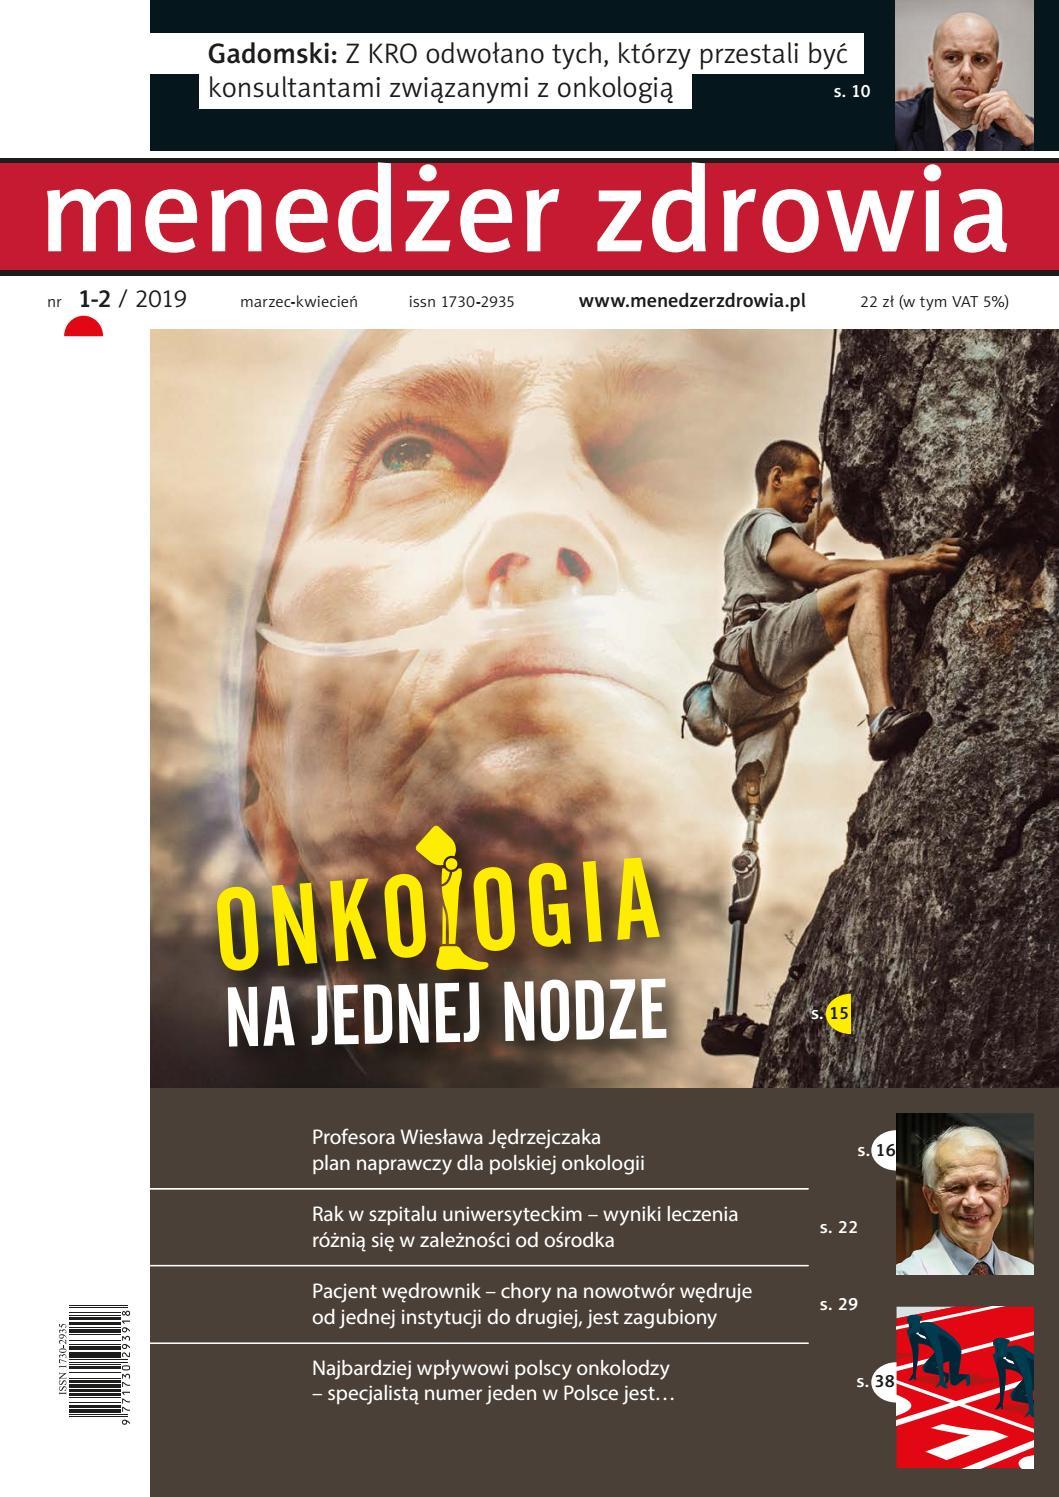 dbe98fe2c498f8 Menedżer Zdrowia 1/2019 by Termedia sp. z o.o. - issuu